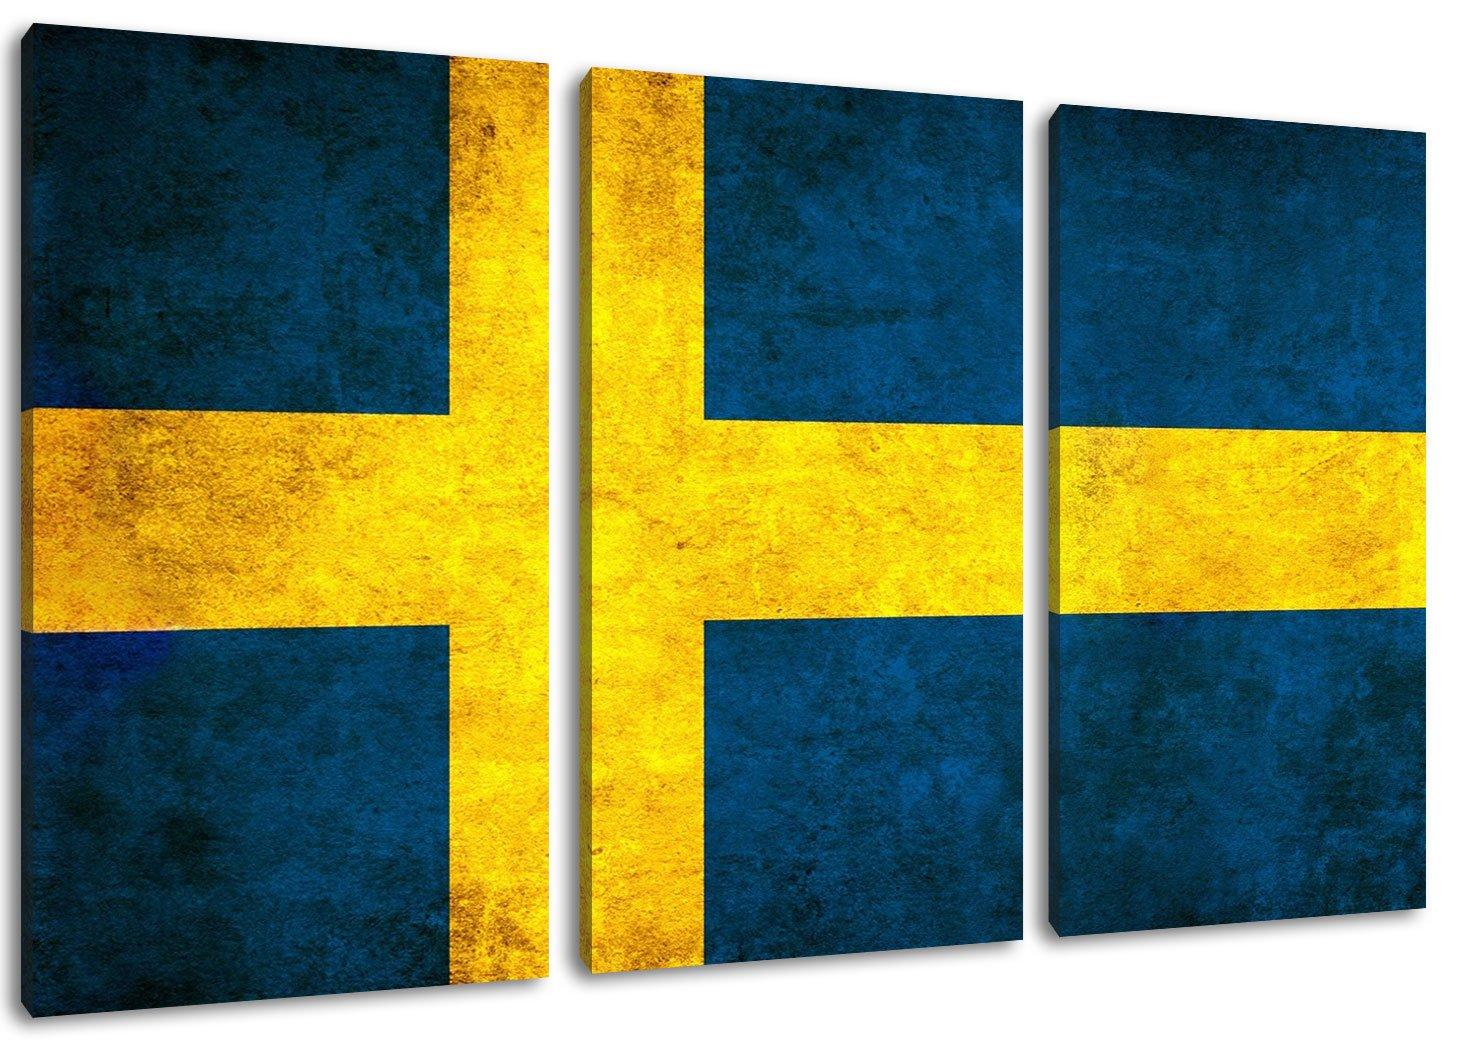 Schweden Flagge Format  Dreiteiler Gesamt 120x80, Bild auf Leinwand bespannt, riesige XXL Bilder komplett und fertig gerahmt mit Keilrahmen, Kunstdruck auf Wand Bild mit Rahmen, günstiger als Gemälde oder Bild, kein Poster oder Plakat